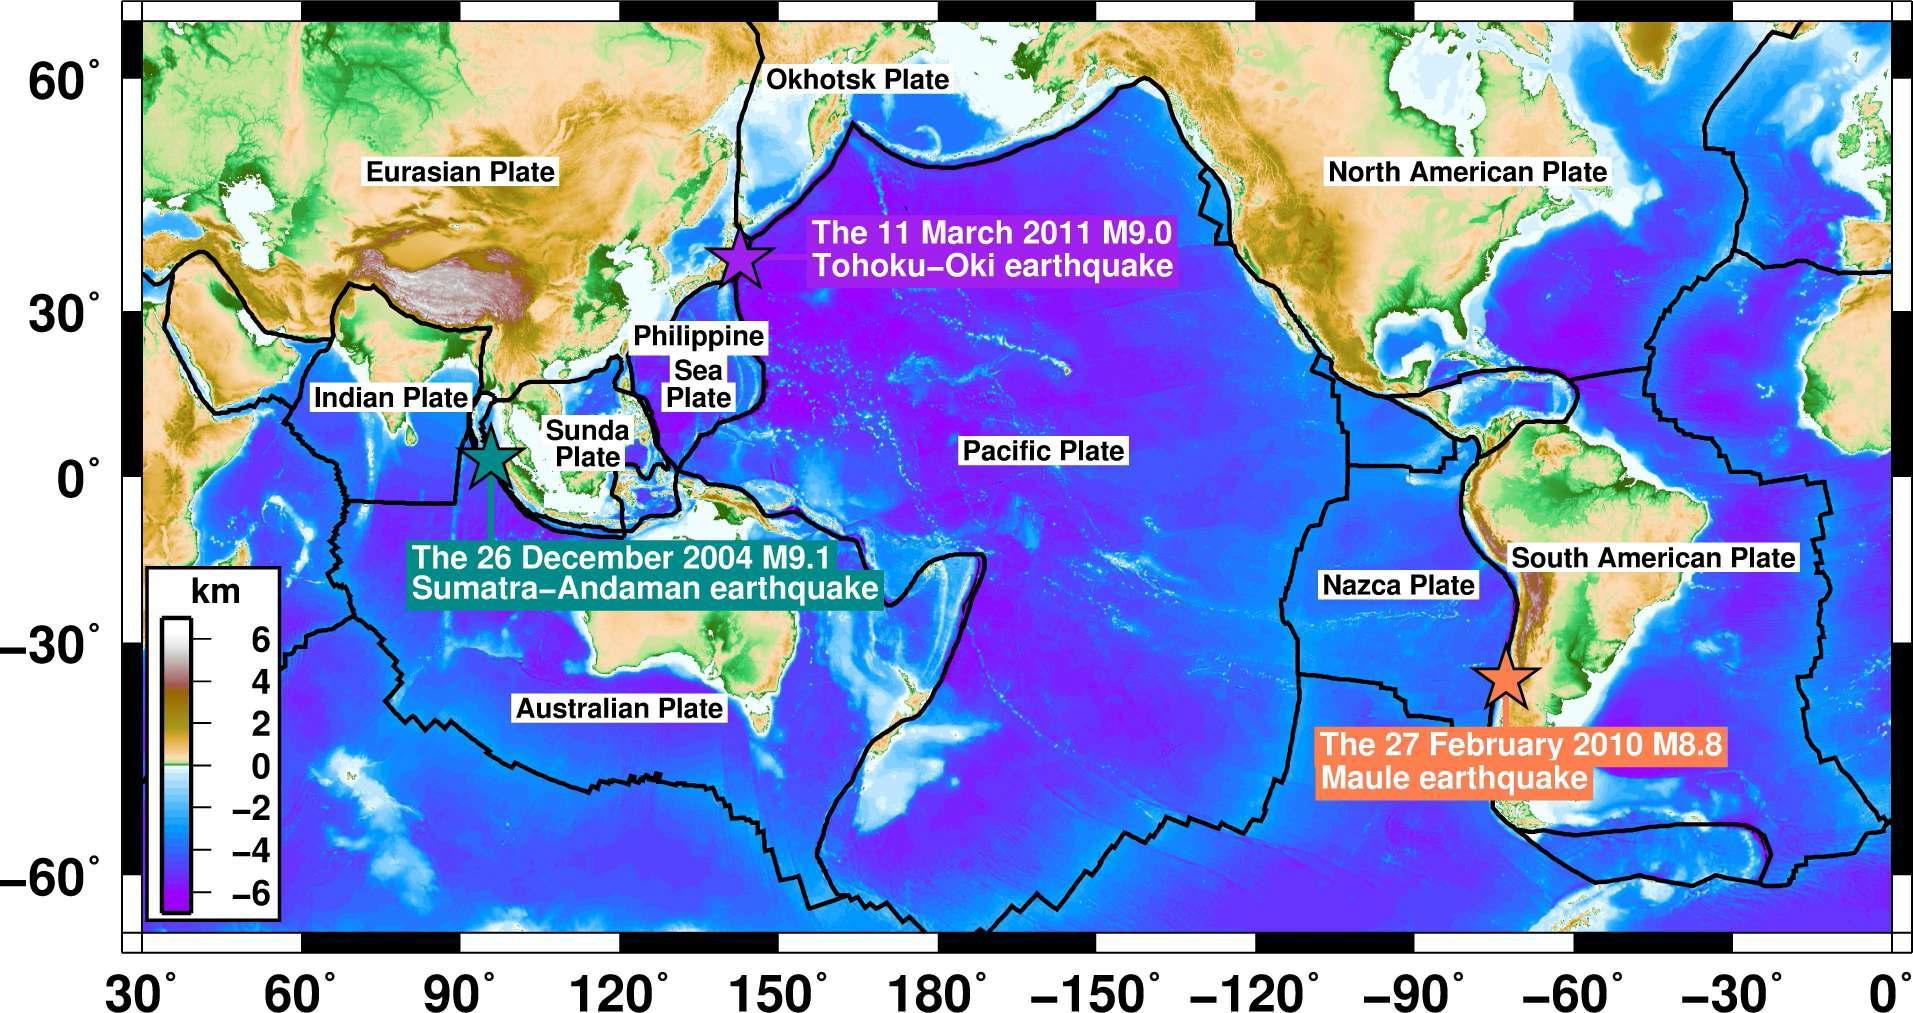 2000년 이후 발생한 규모 8 이상의 세 초대형 지진을 도시한 지도. 세 초대형 지진은 2004년 12월 26일에 발생한 규모 9.1의 수마트라 대지진, 2010년 2월 27일에 발생한 규모 8.8의 마울레 대지진, 그리고 2011년 3월 11일에 발생한 규모 9.0의 동일본 대지진이다.